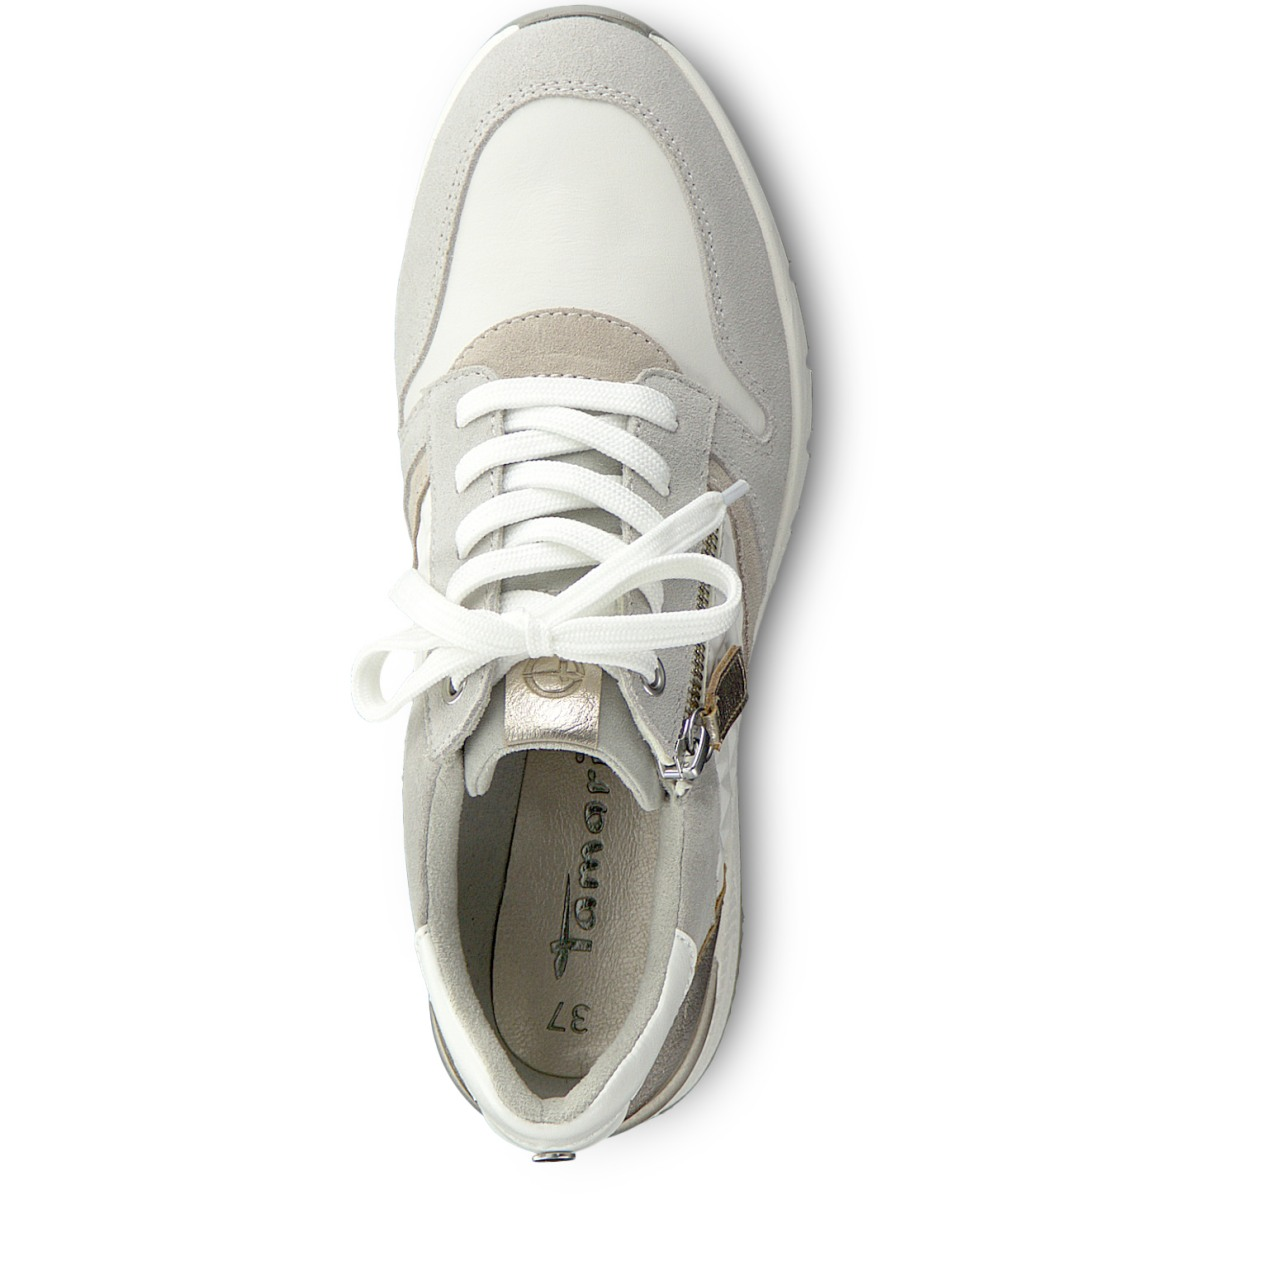 1 1 23702 24 197 Sneakers